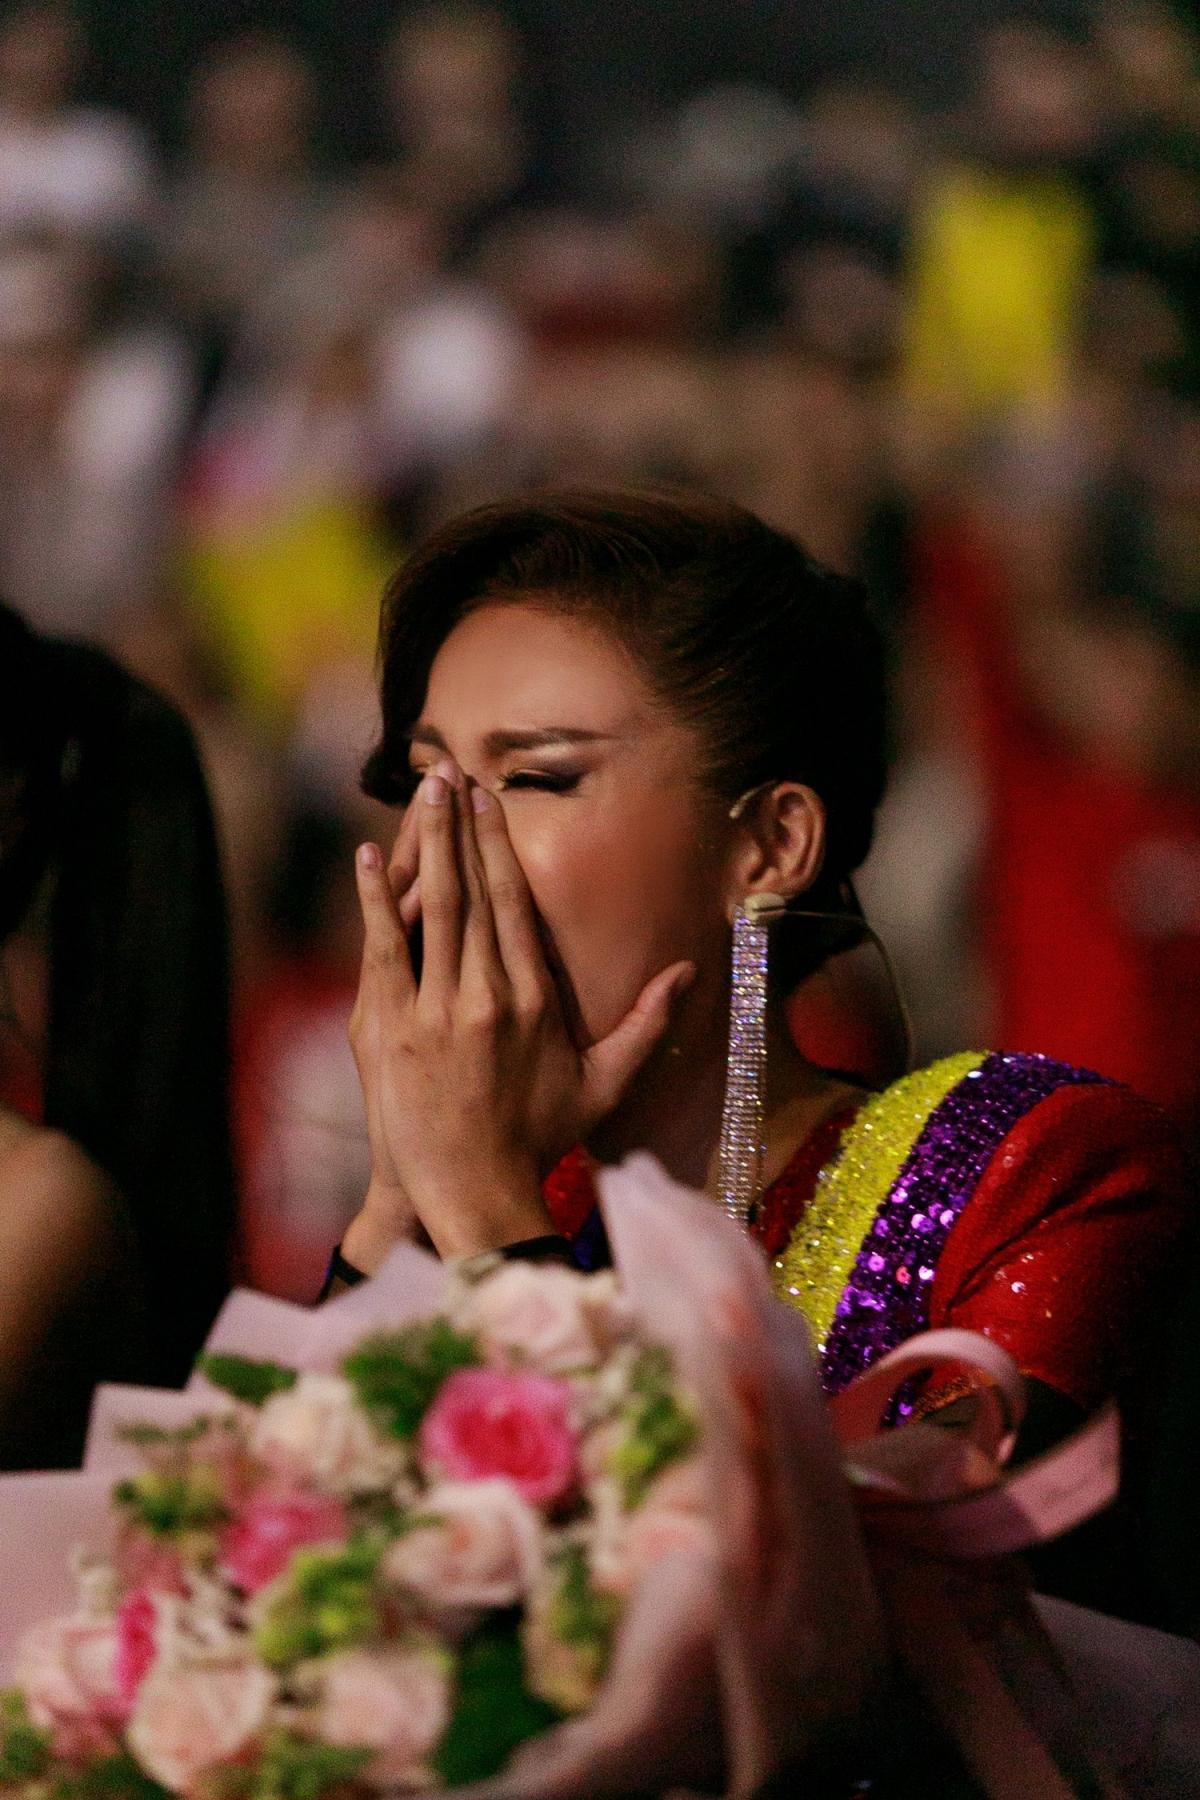 Khoảnh khắc học trò đăng quang, Minh Tú không giấu được niềm xúc động.